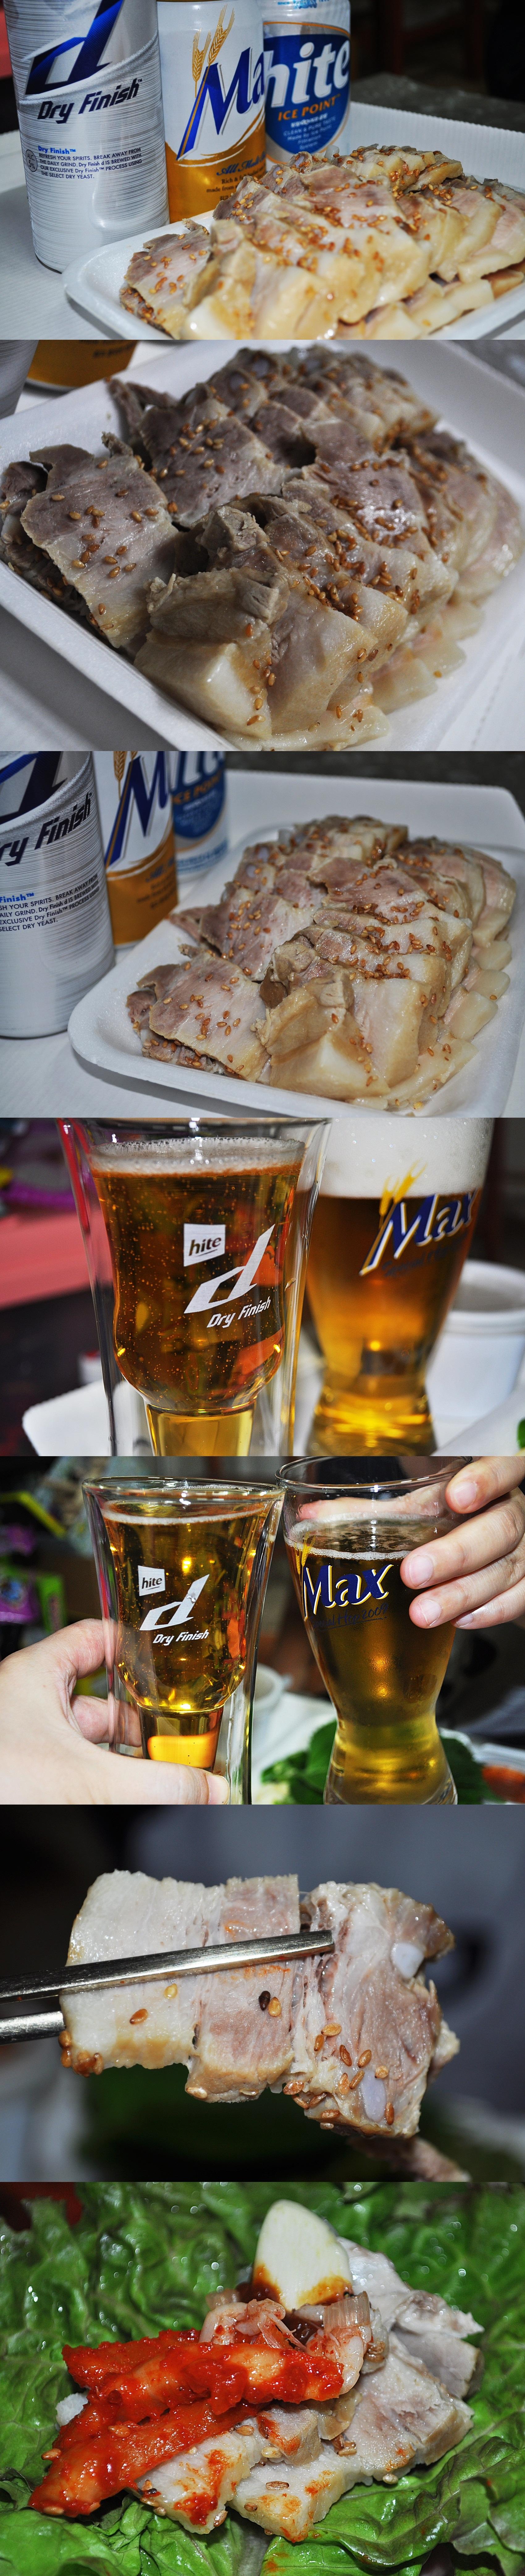 이번주는 야식 주간! 보쌈 정말 오랜만인듯! 맥주랑 은근히 어울림!